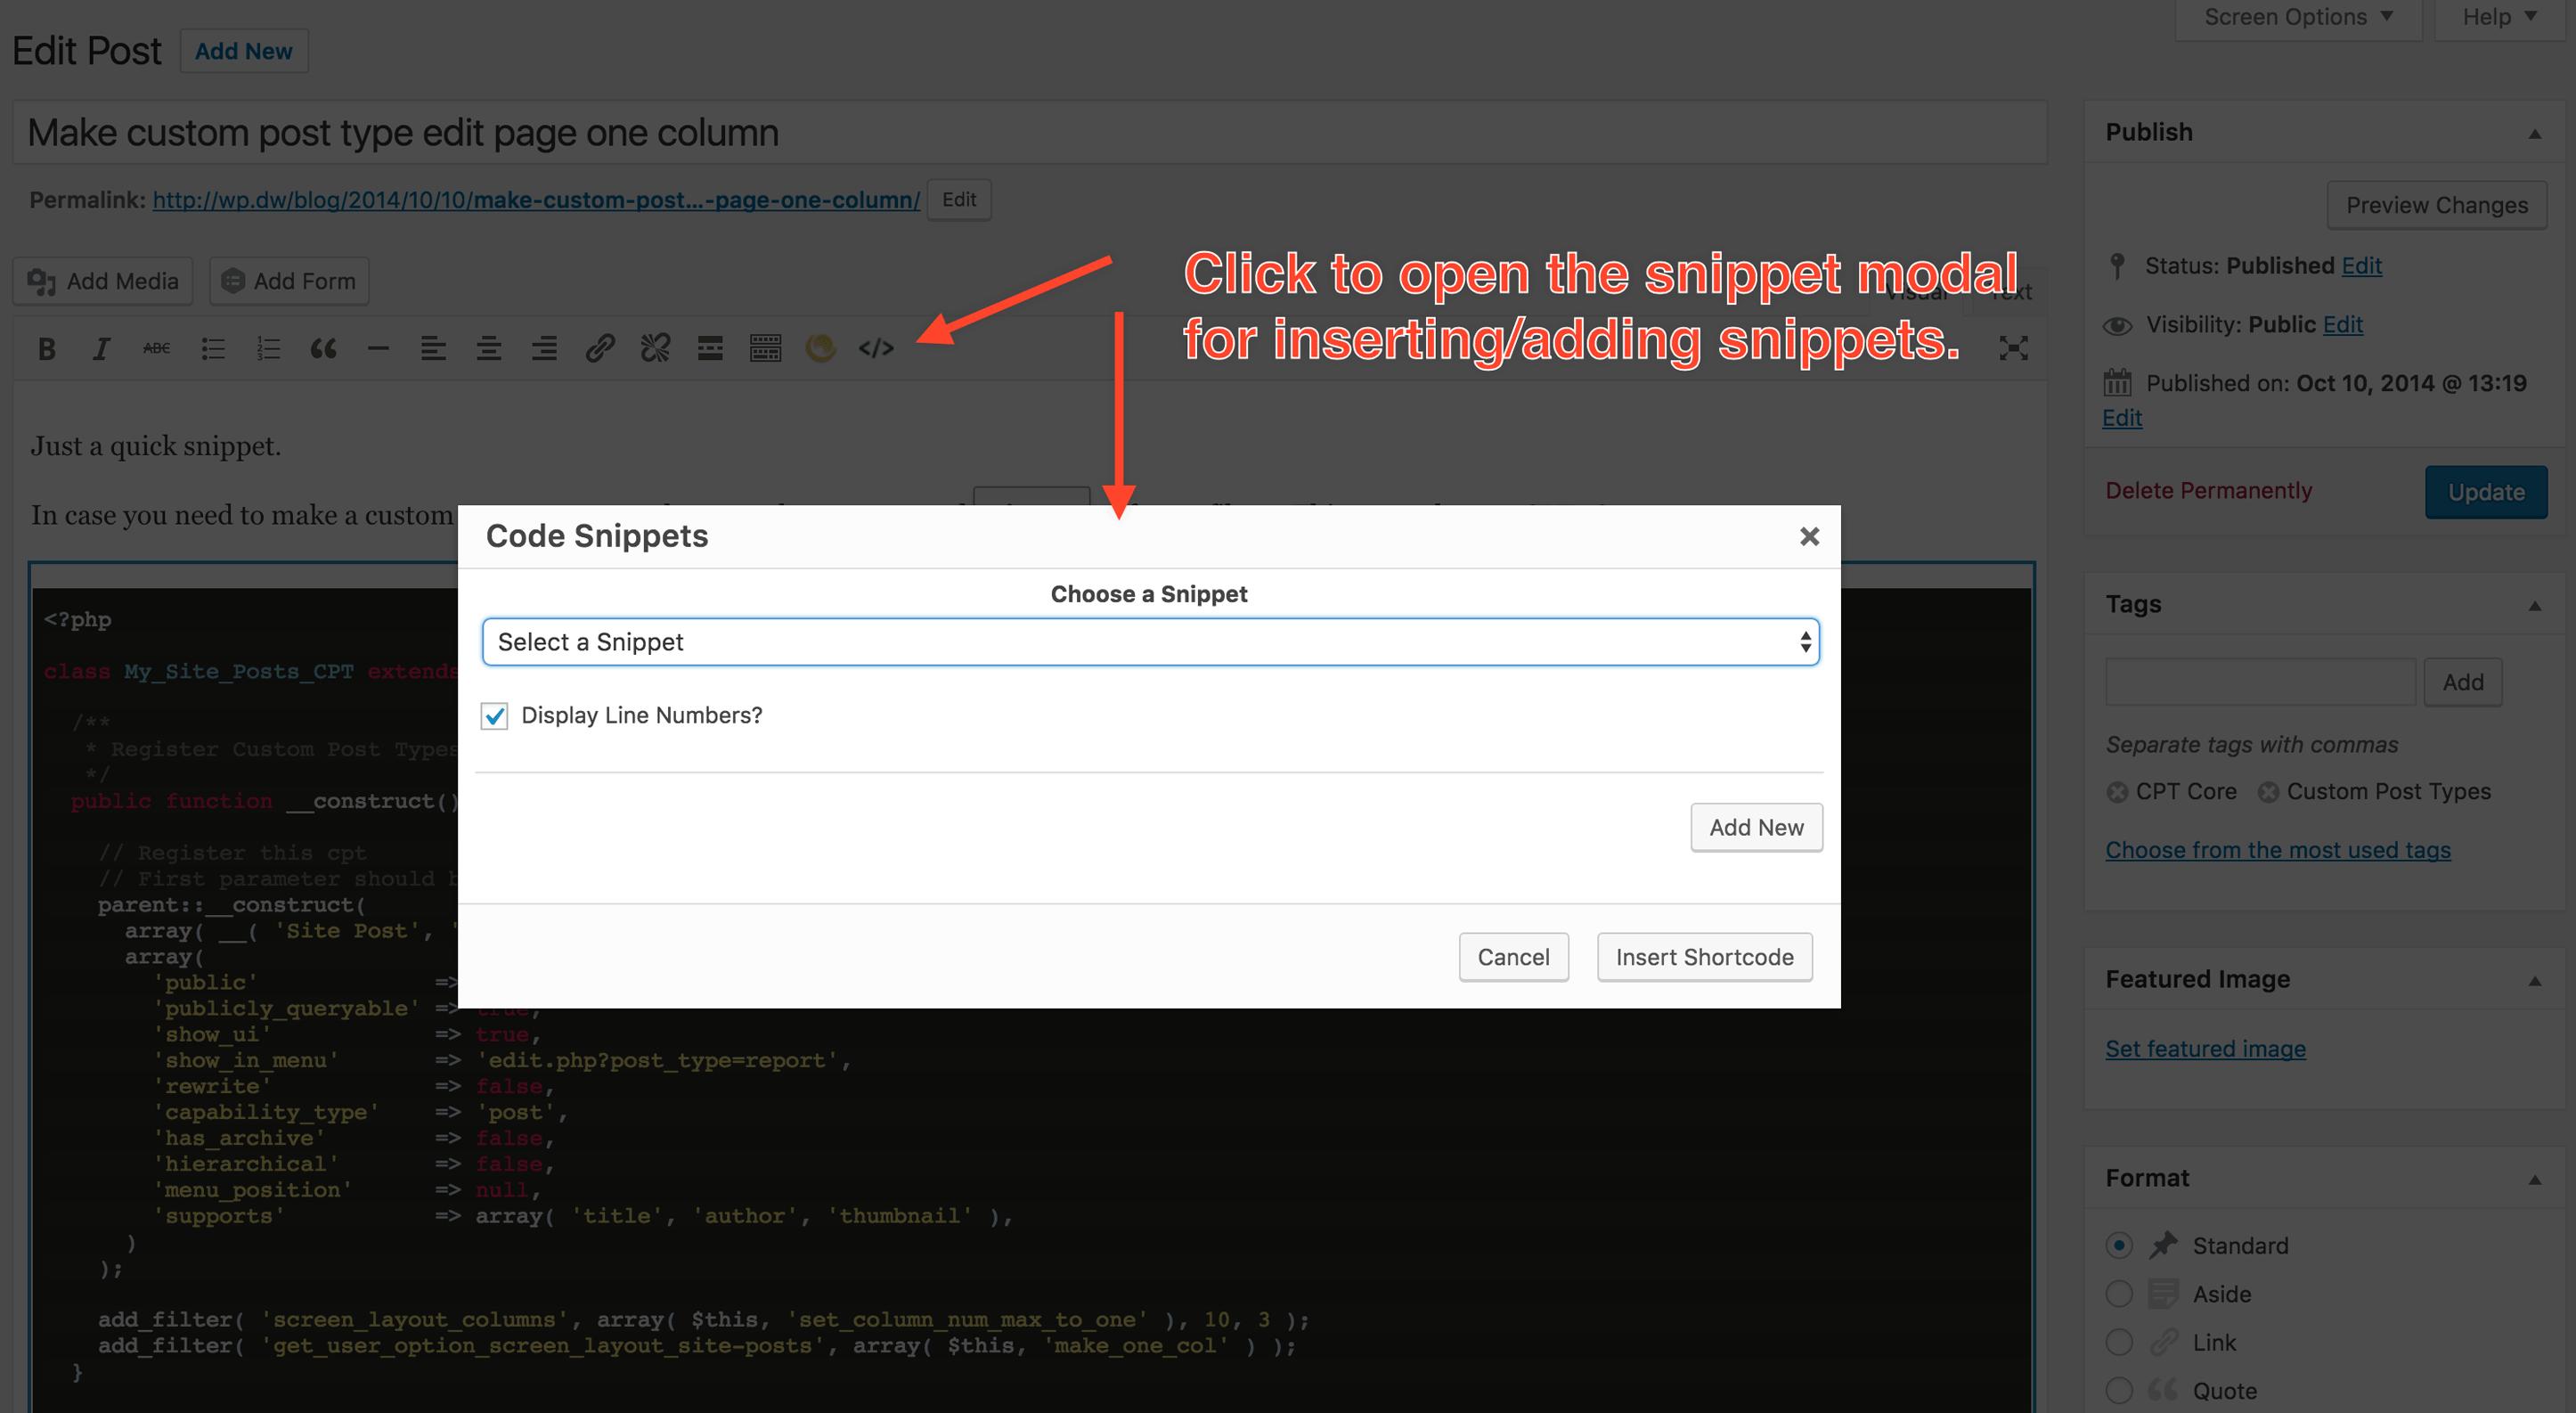 Code snippet insert button/modal